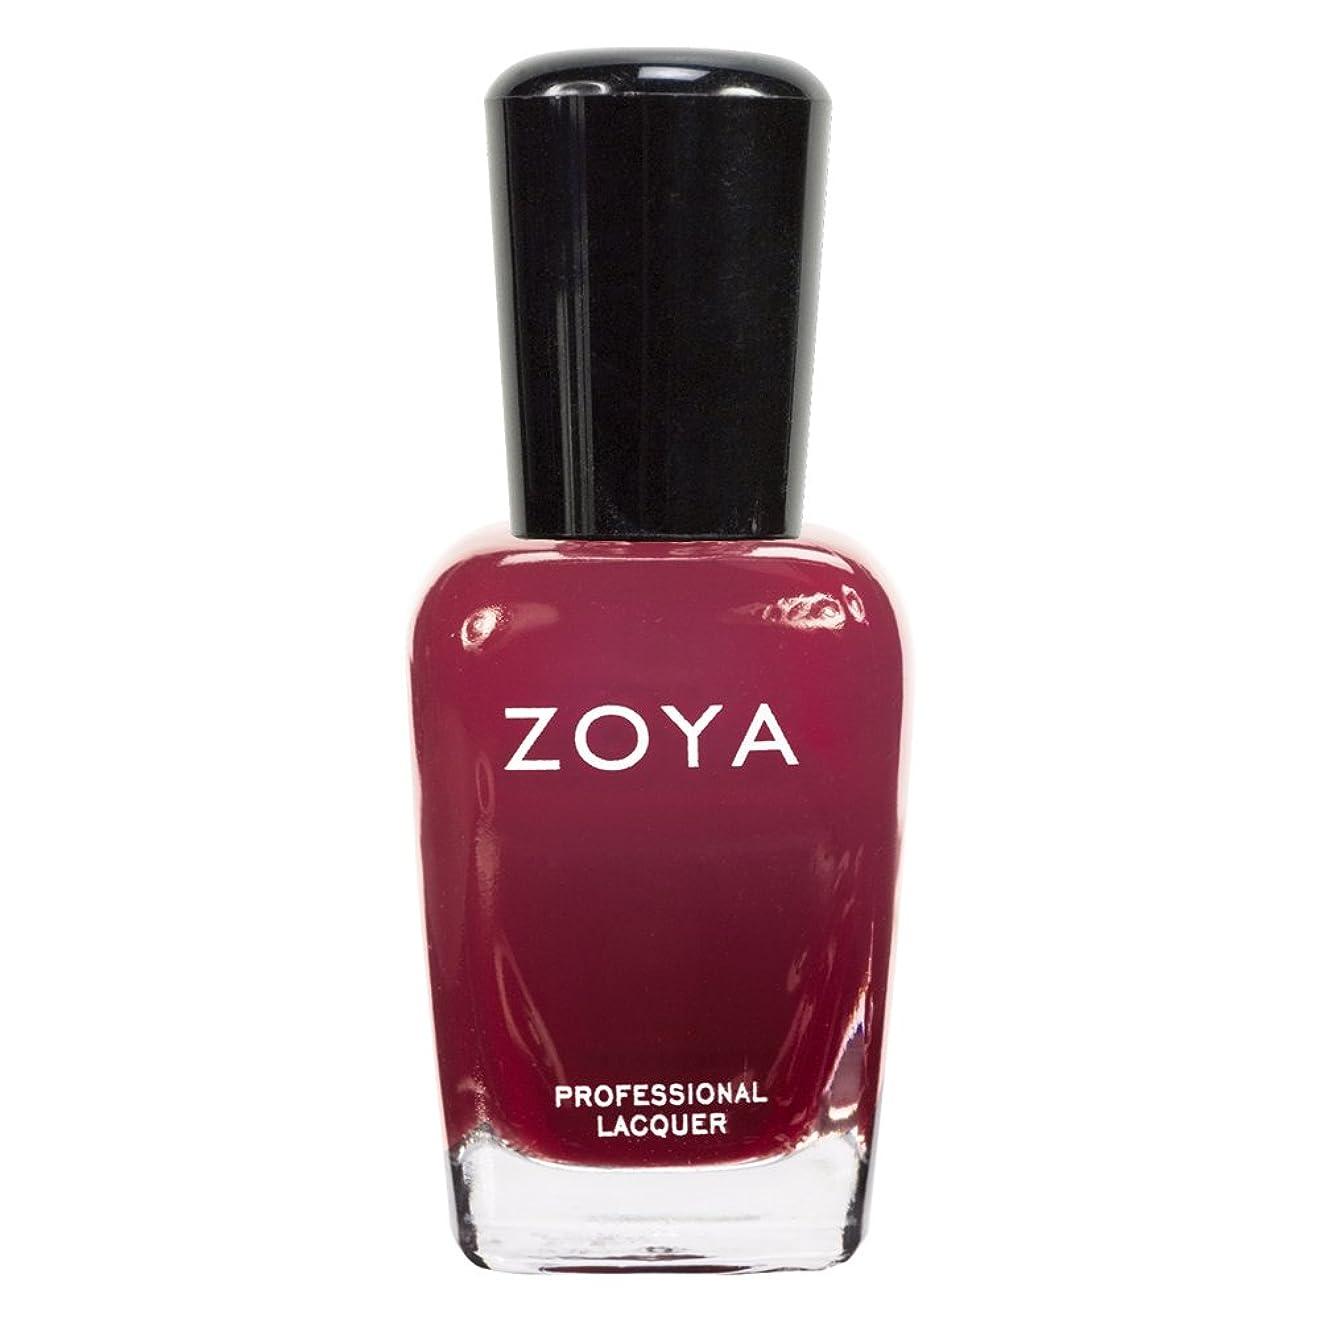 ZOYA ゾーヤ ネイルカラーZP455 DAKOTA ダコタ 15ml 深いブラウンレッド マット/クリーム 爪にやさしいネイルラッカーマニキュア